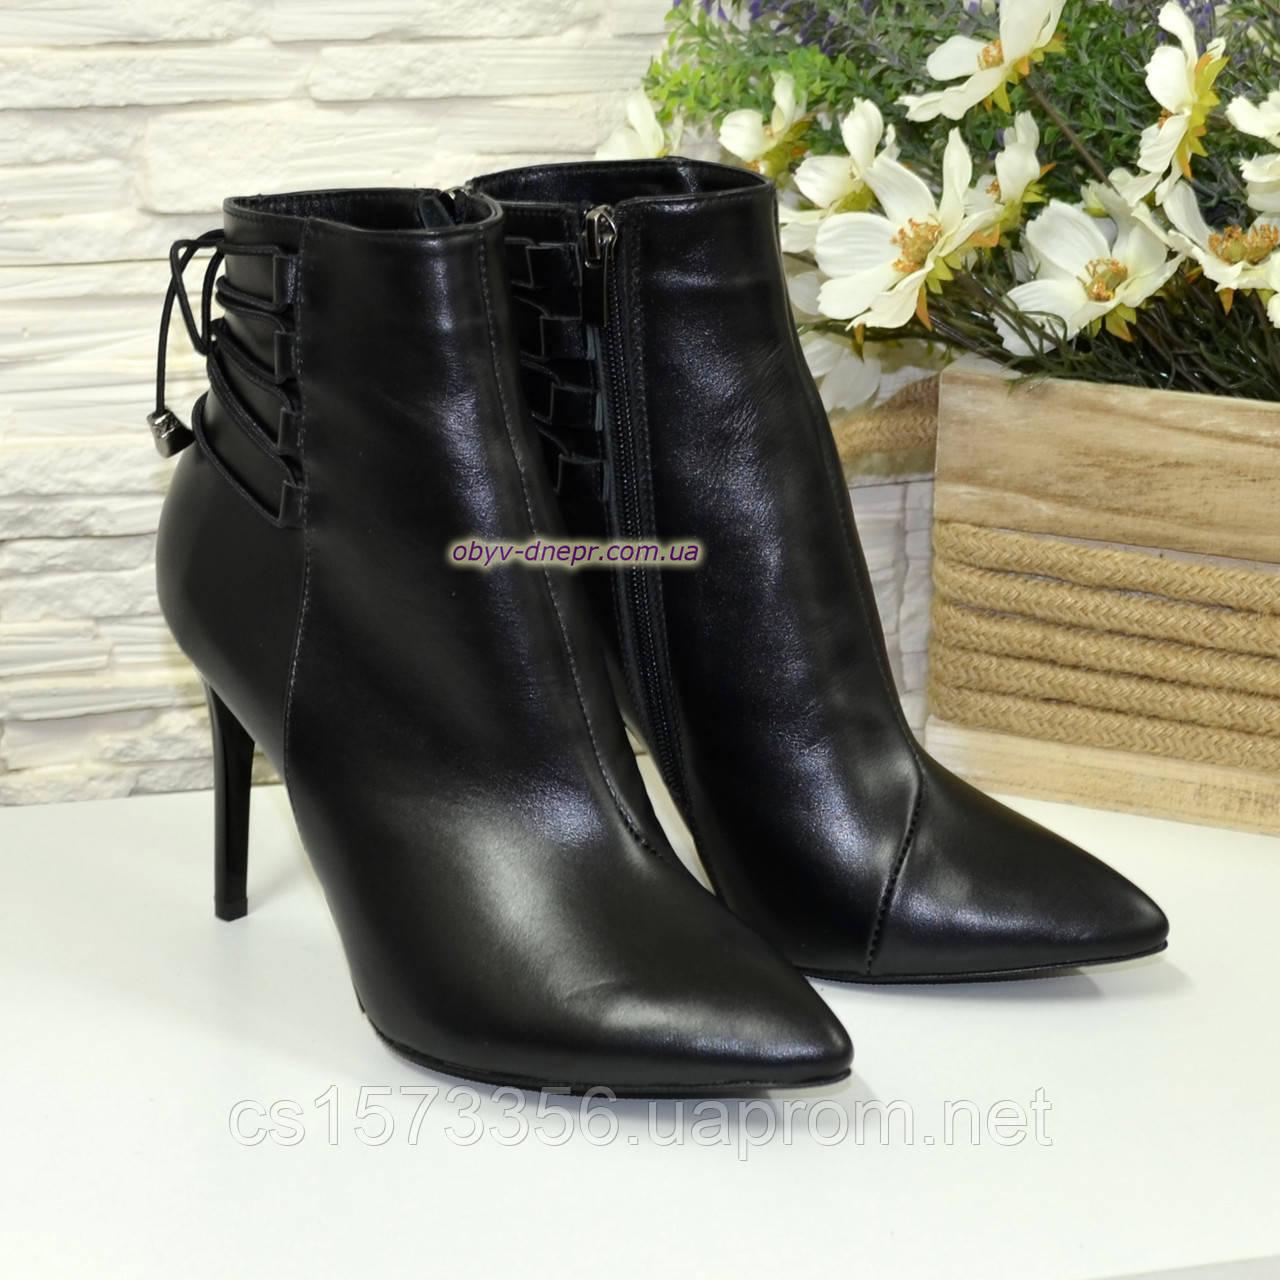 Черевики шкіряні жіночі туфлі на шпильці